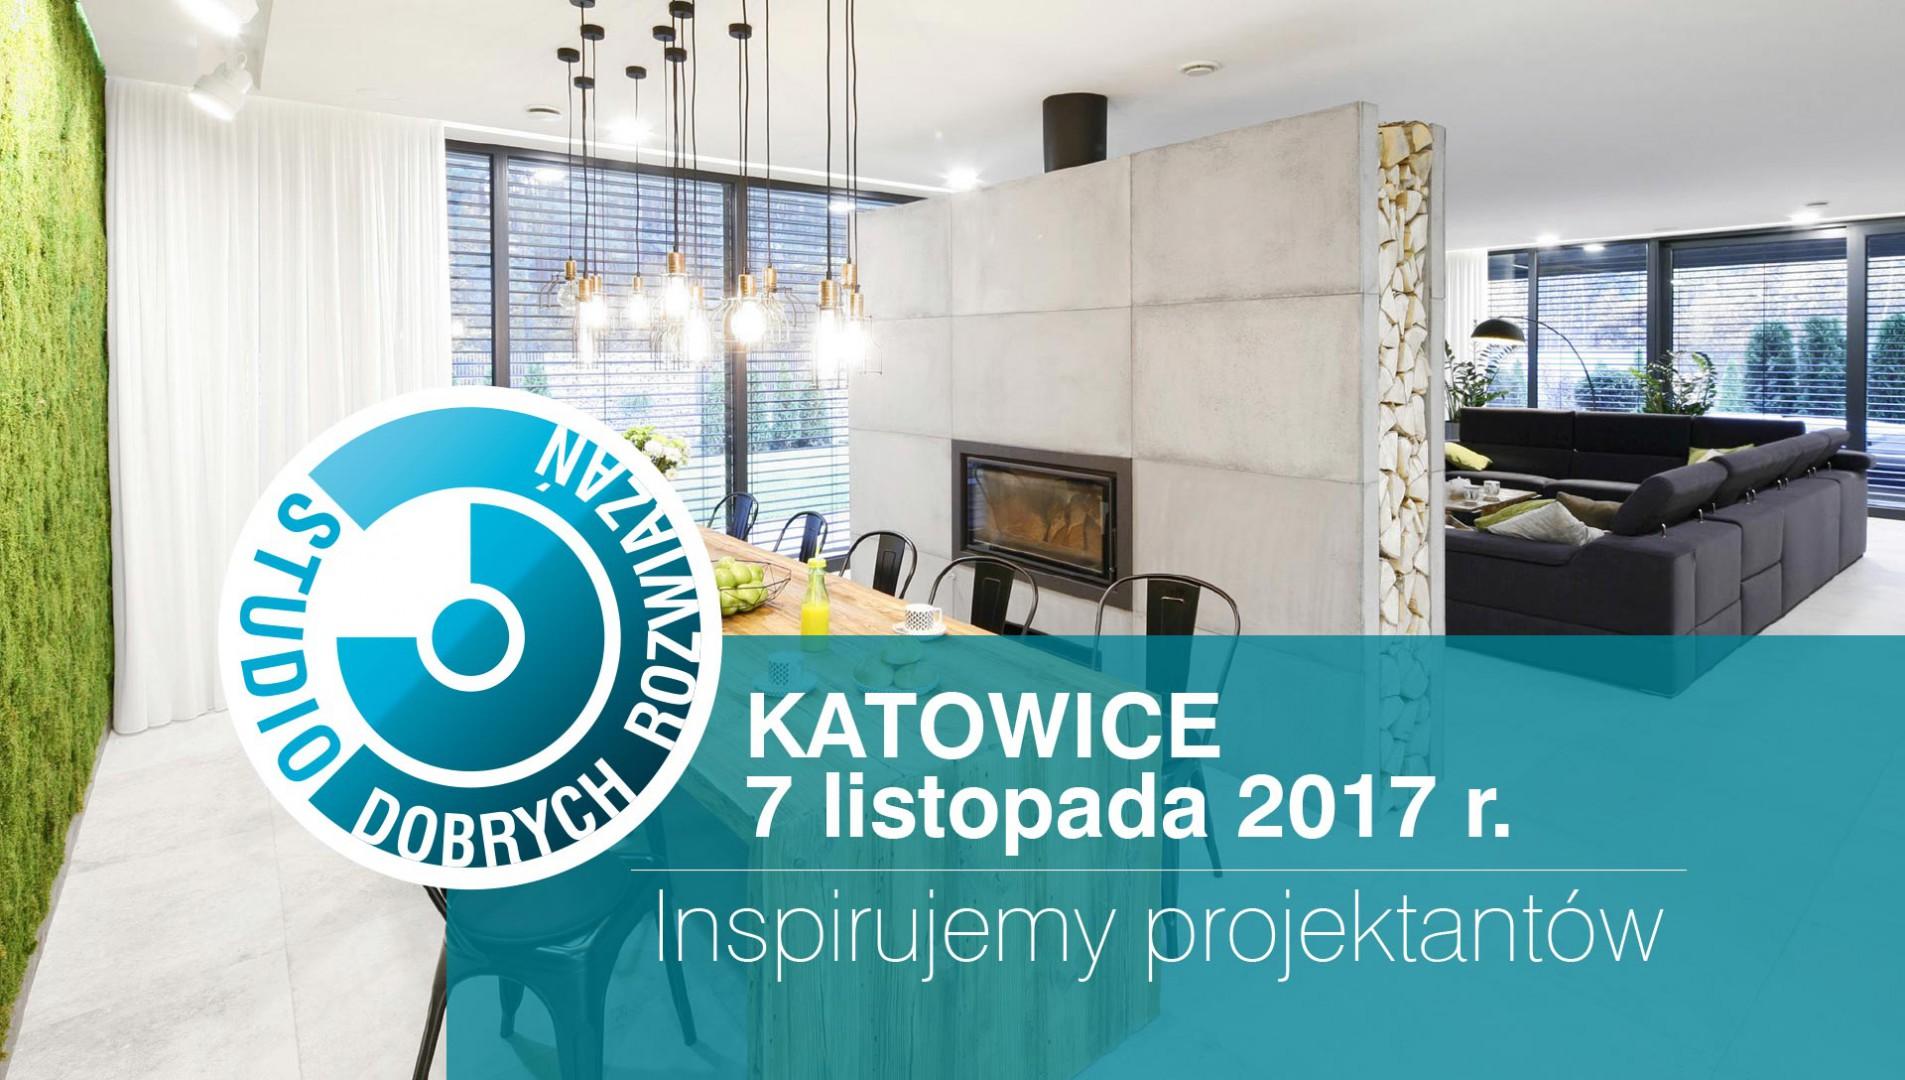 Studio Dobrych Rozwiązań w Katowicach - 7 listopada 2017 roku